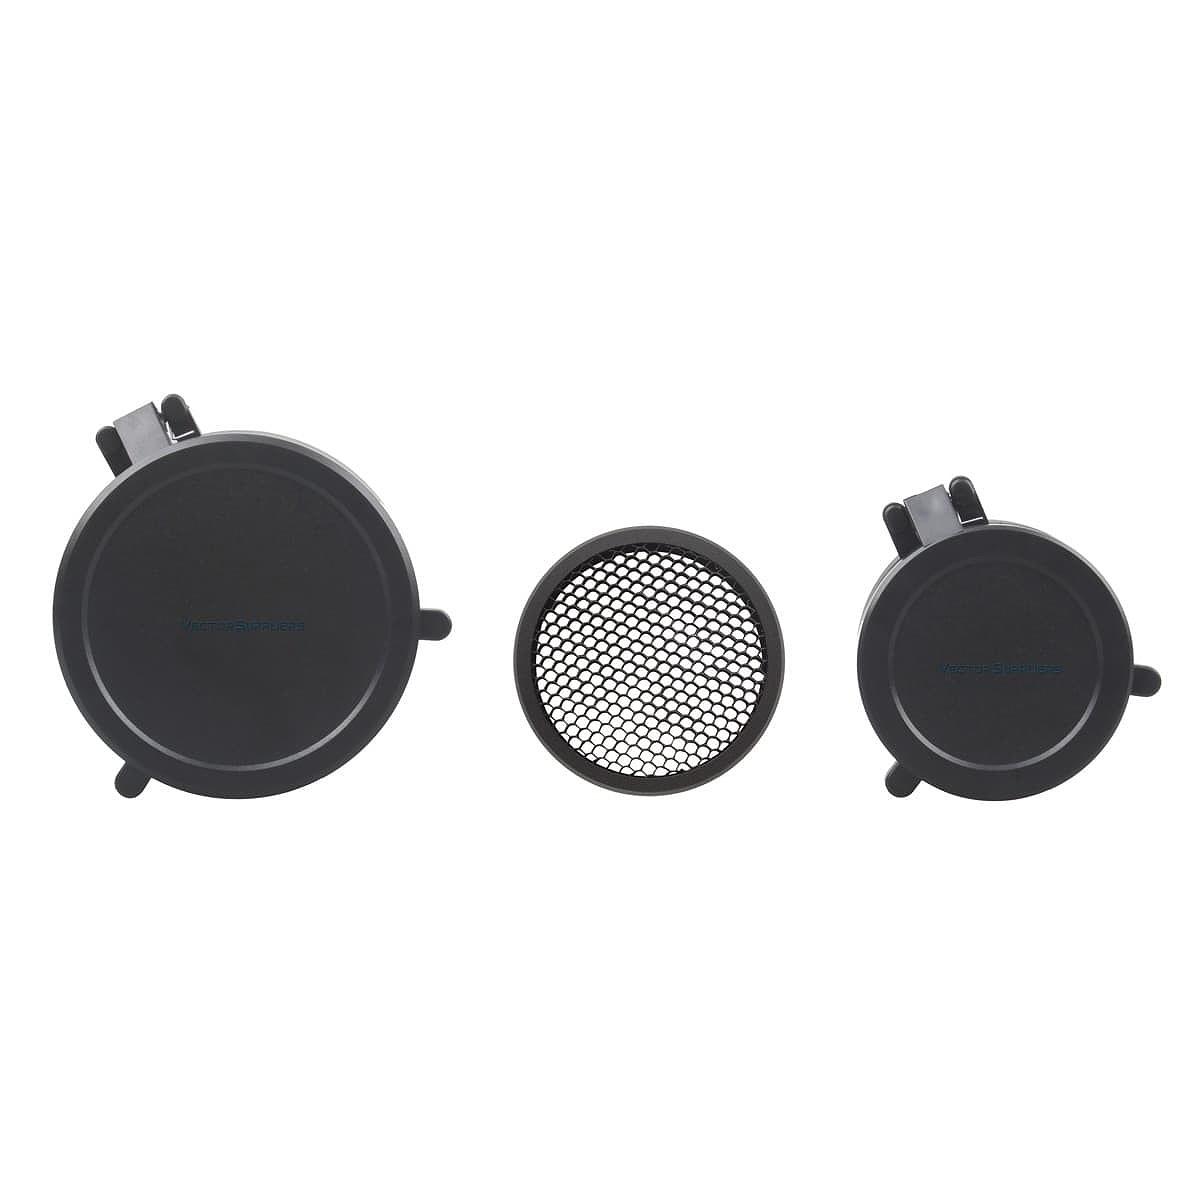 【お届け予定日: 6月30日】ベクターオプティクス ライフルスコープ Sentinel 6-24x50 GenII  Vector Optics SCOL-14